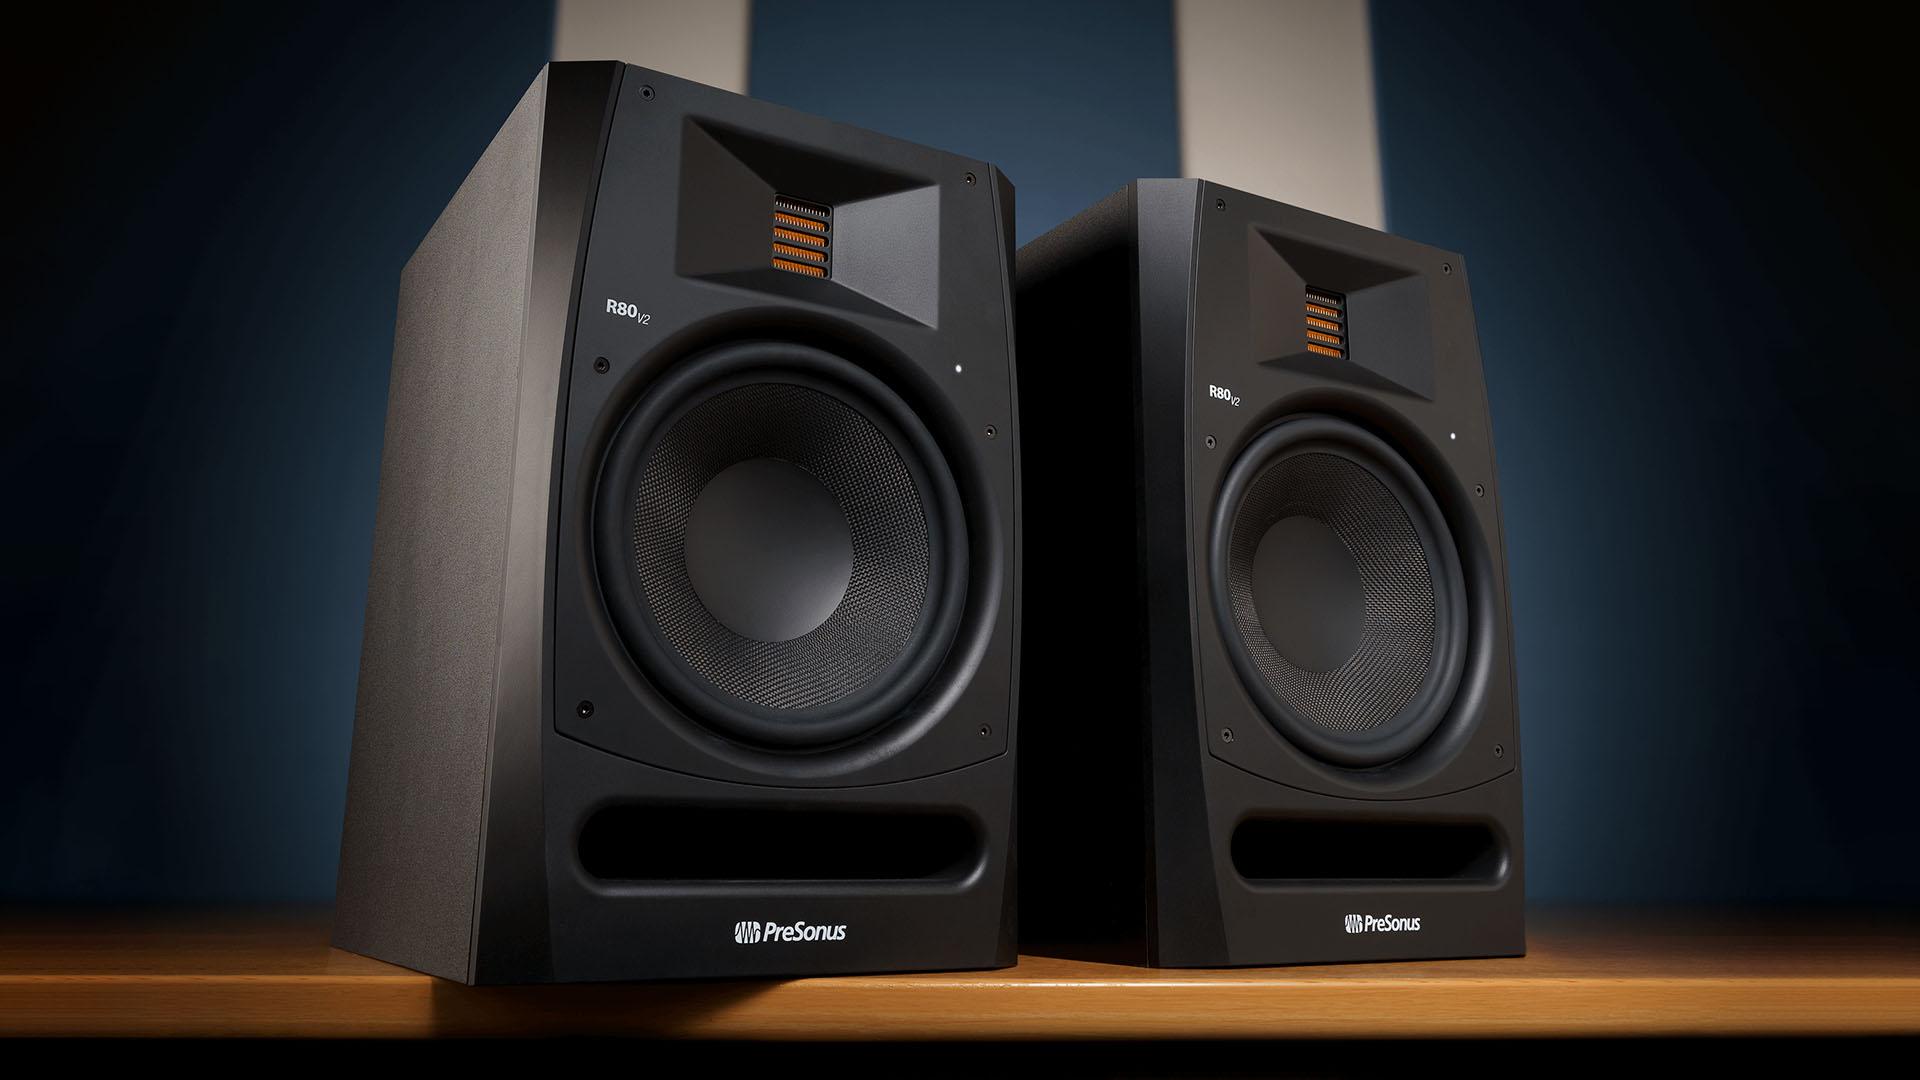 The new PreSonus R80 V2 monitors. Image: PreSonus.